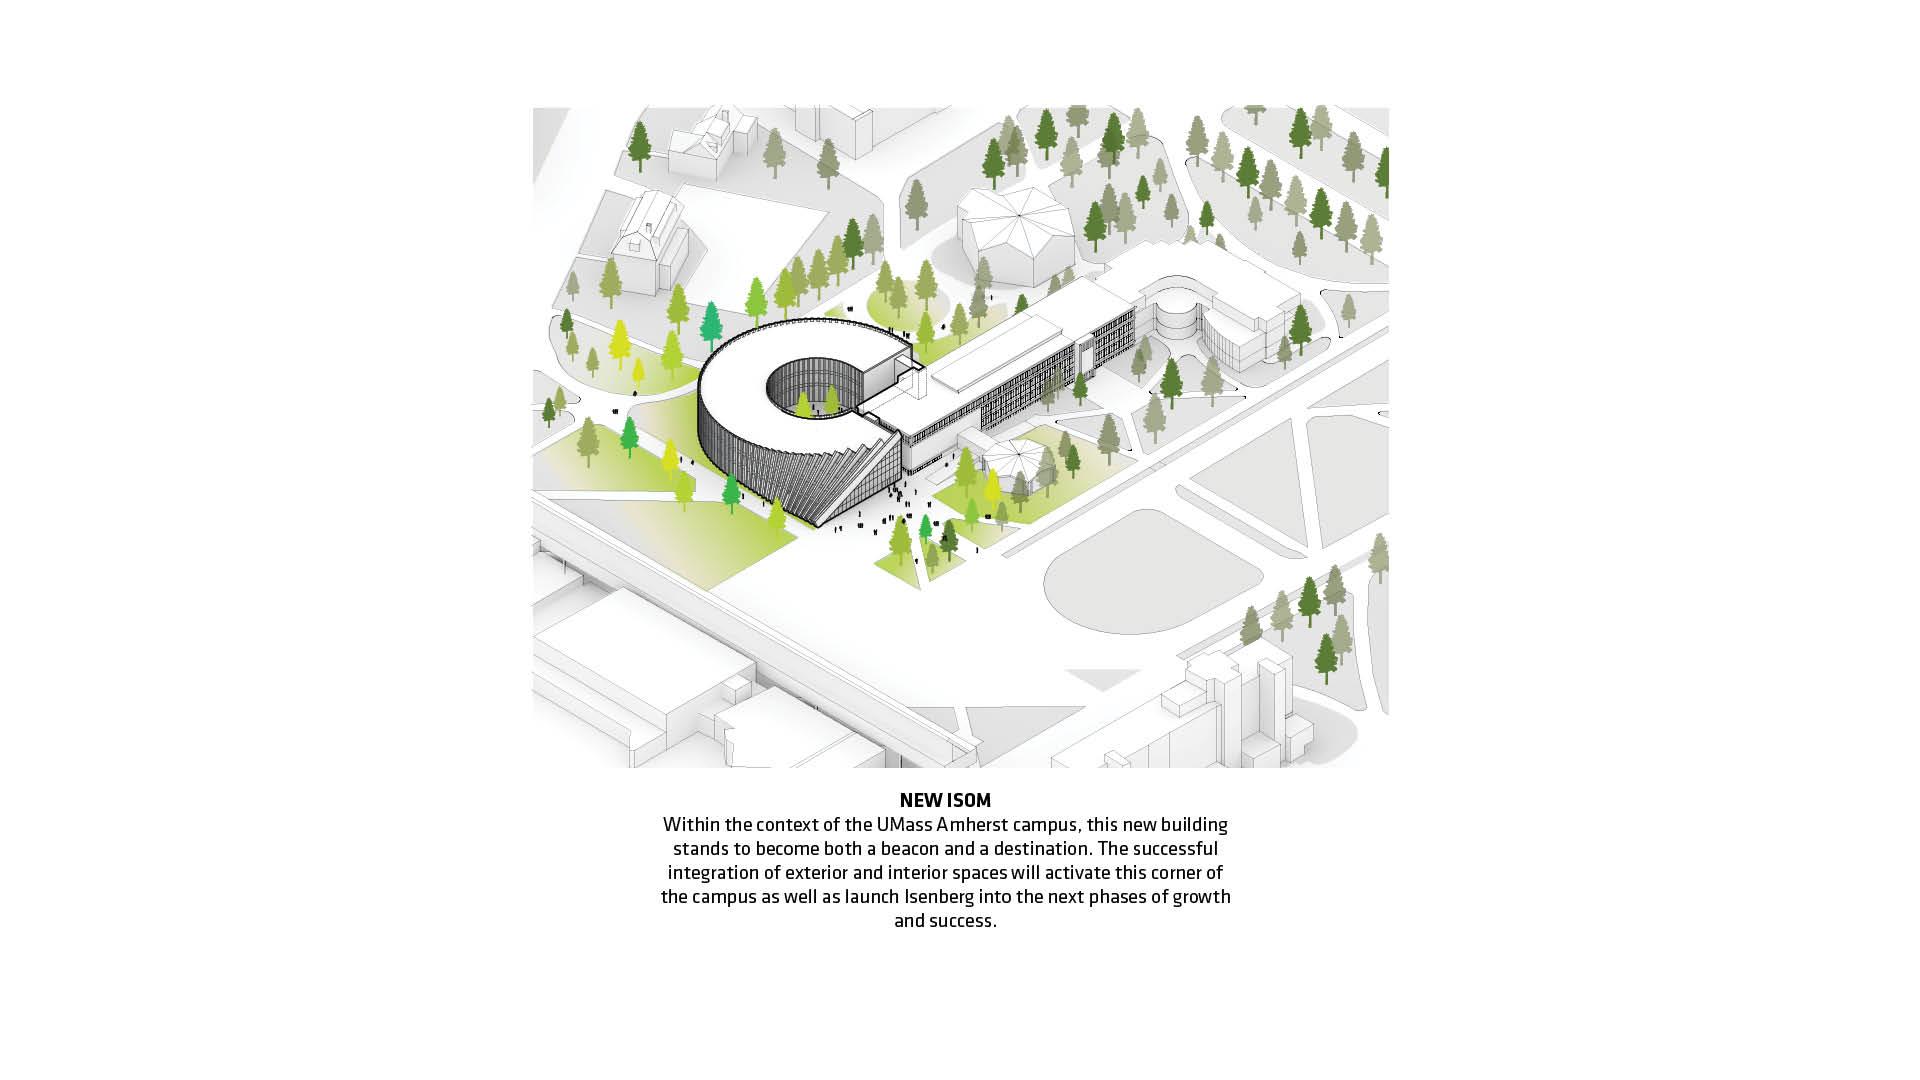 〔안정원의 건축 칼럼〕 도너츠형 매스에 도미노 효과로 얻어낸 역동적이면서 순환적인 건축 2